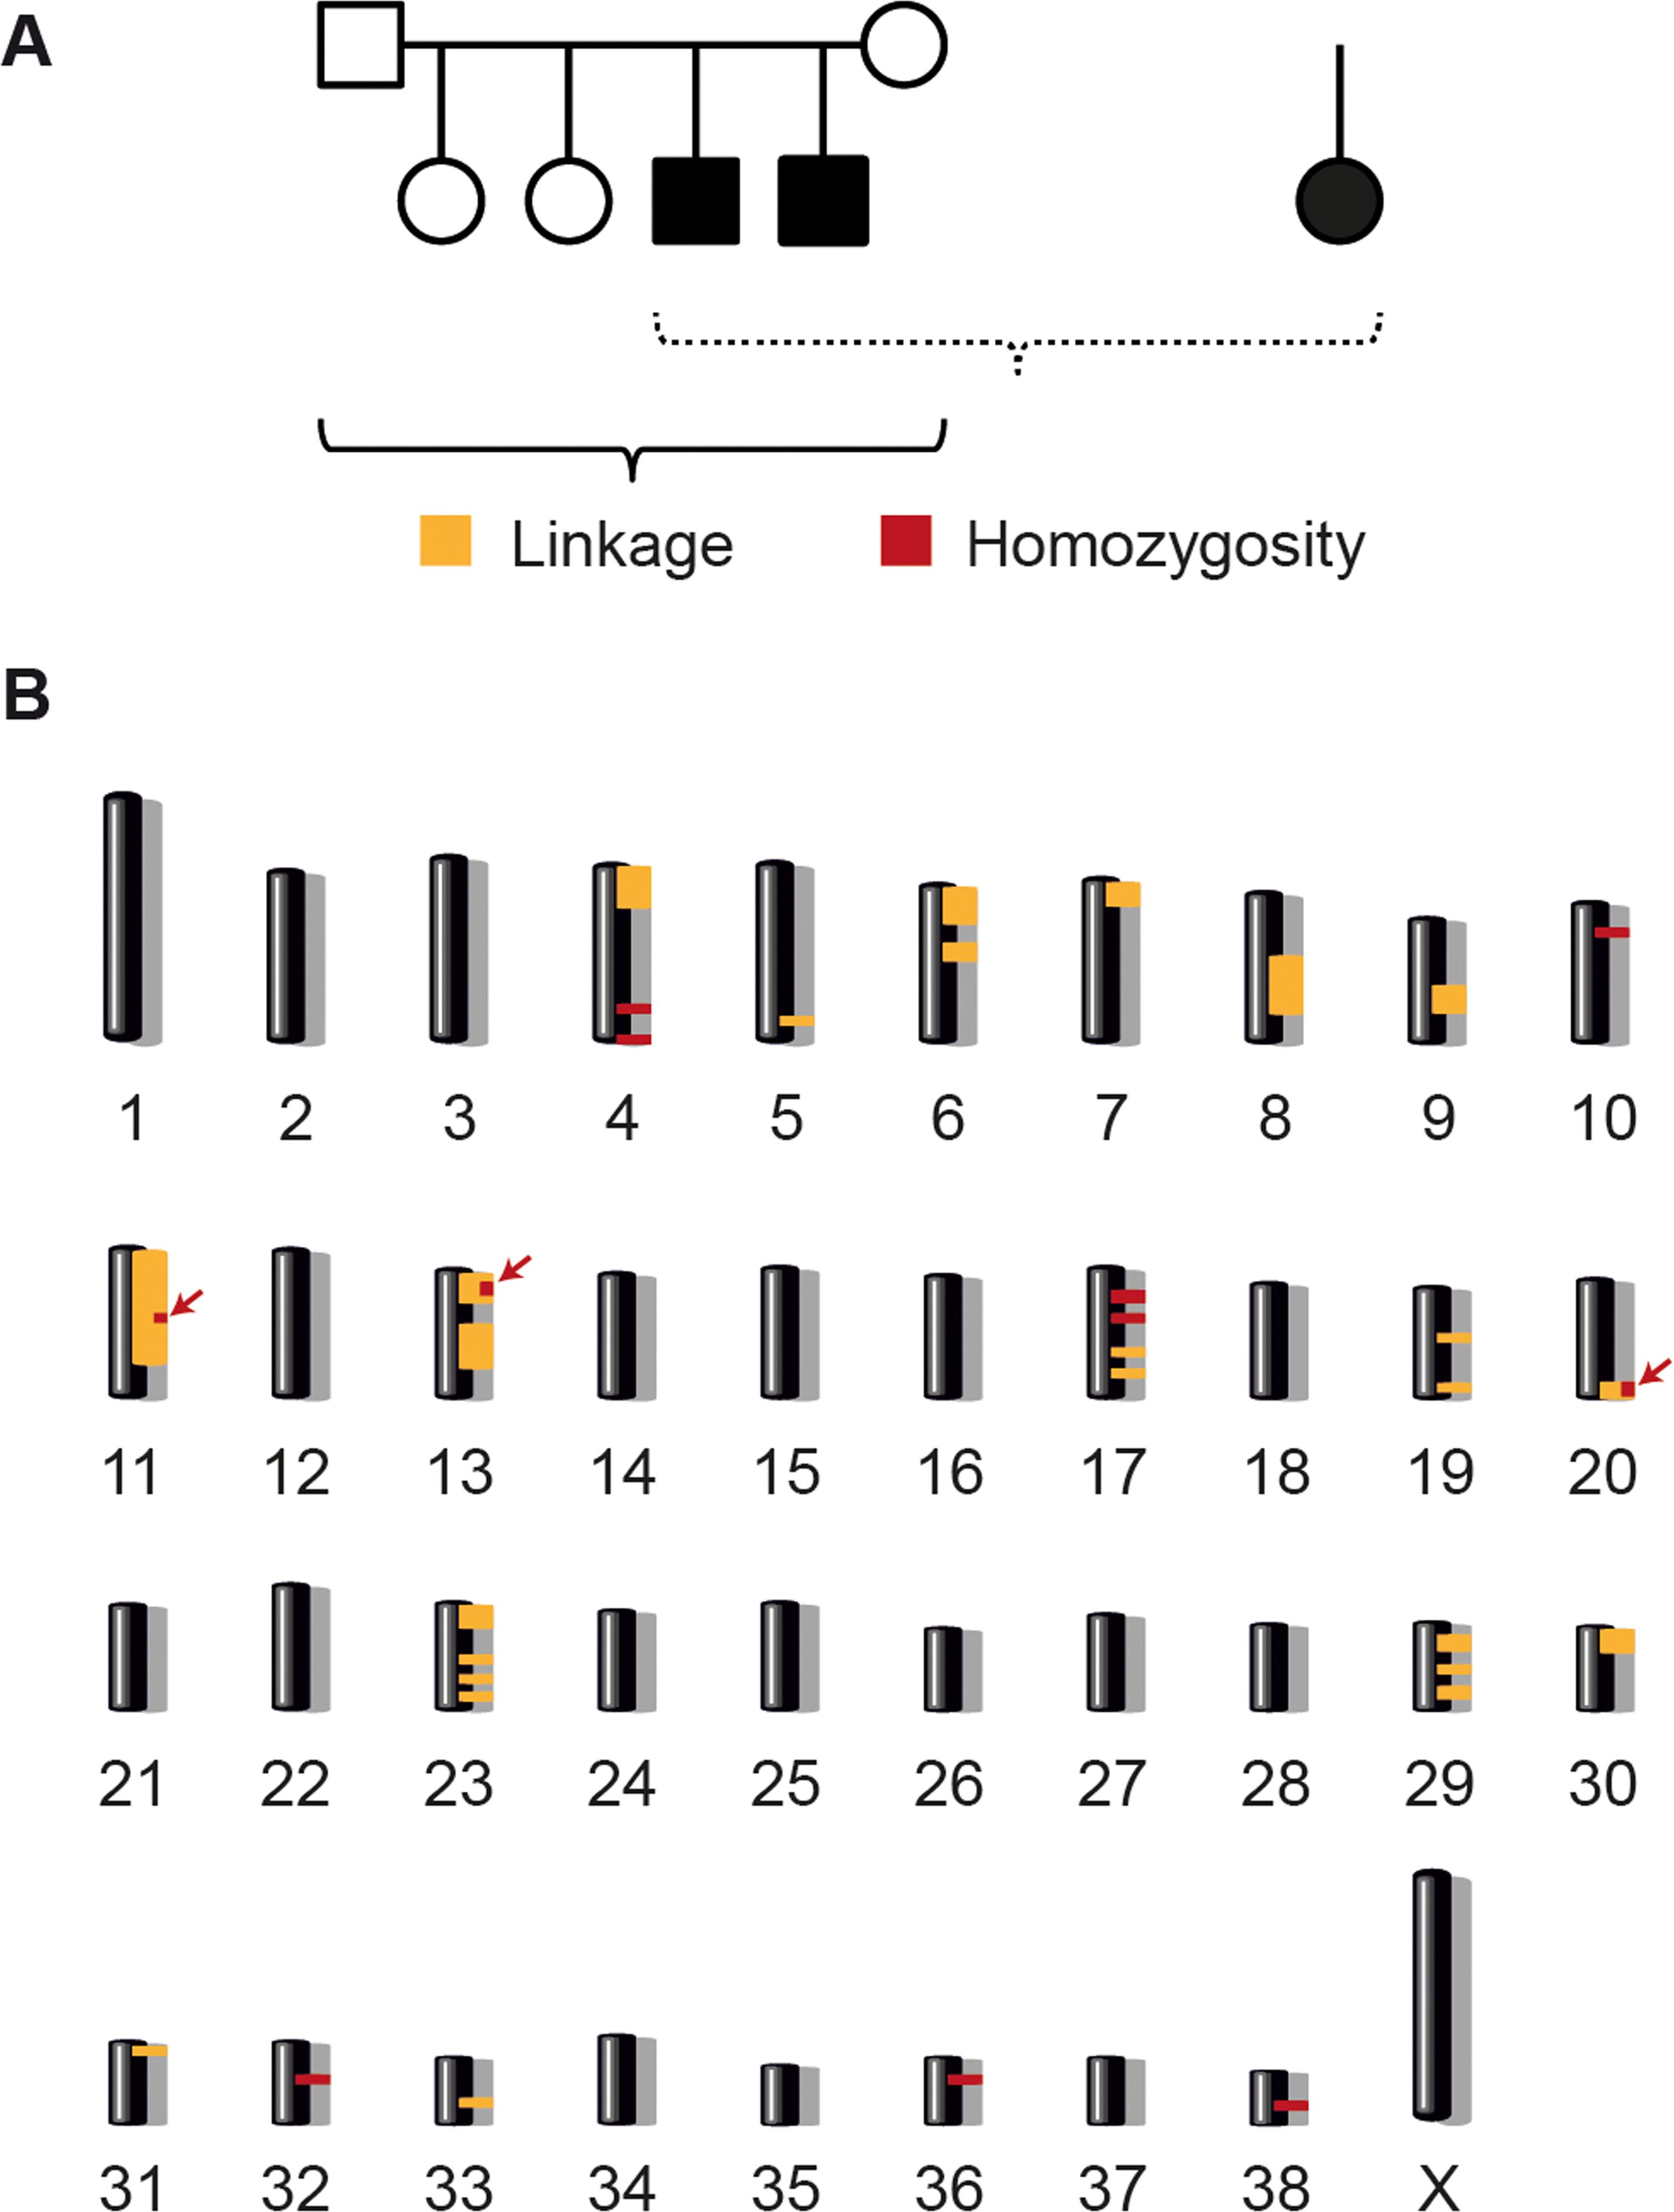 Linkage analysis and homozygosity mapping.